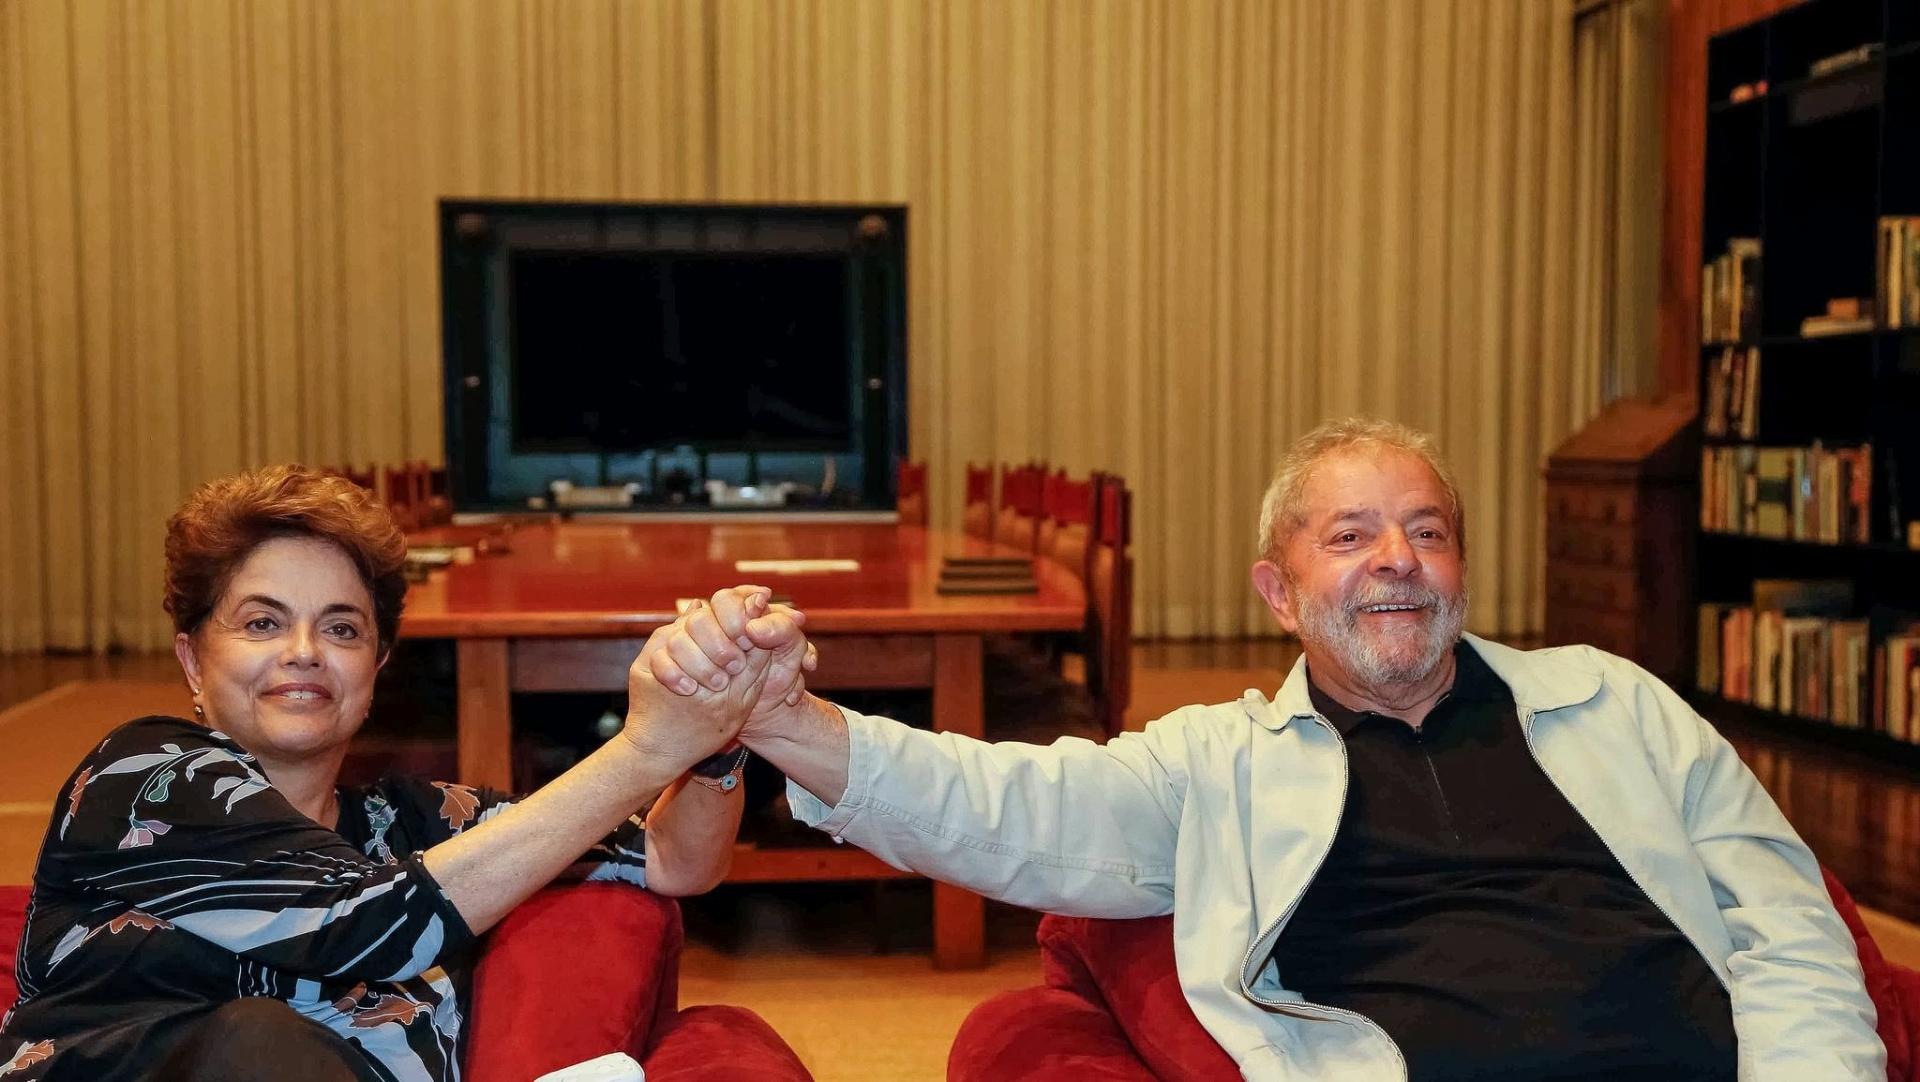 28.ago. 2016 - Dilma recebe a visita do ex-presidente Lula no fim da tarde deste domingo, no Palácio da Alvorada